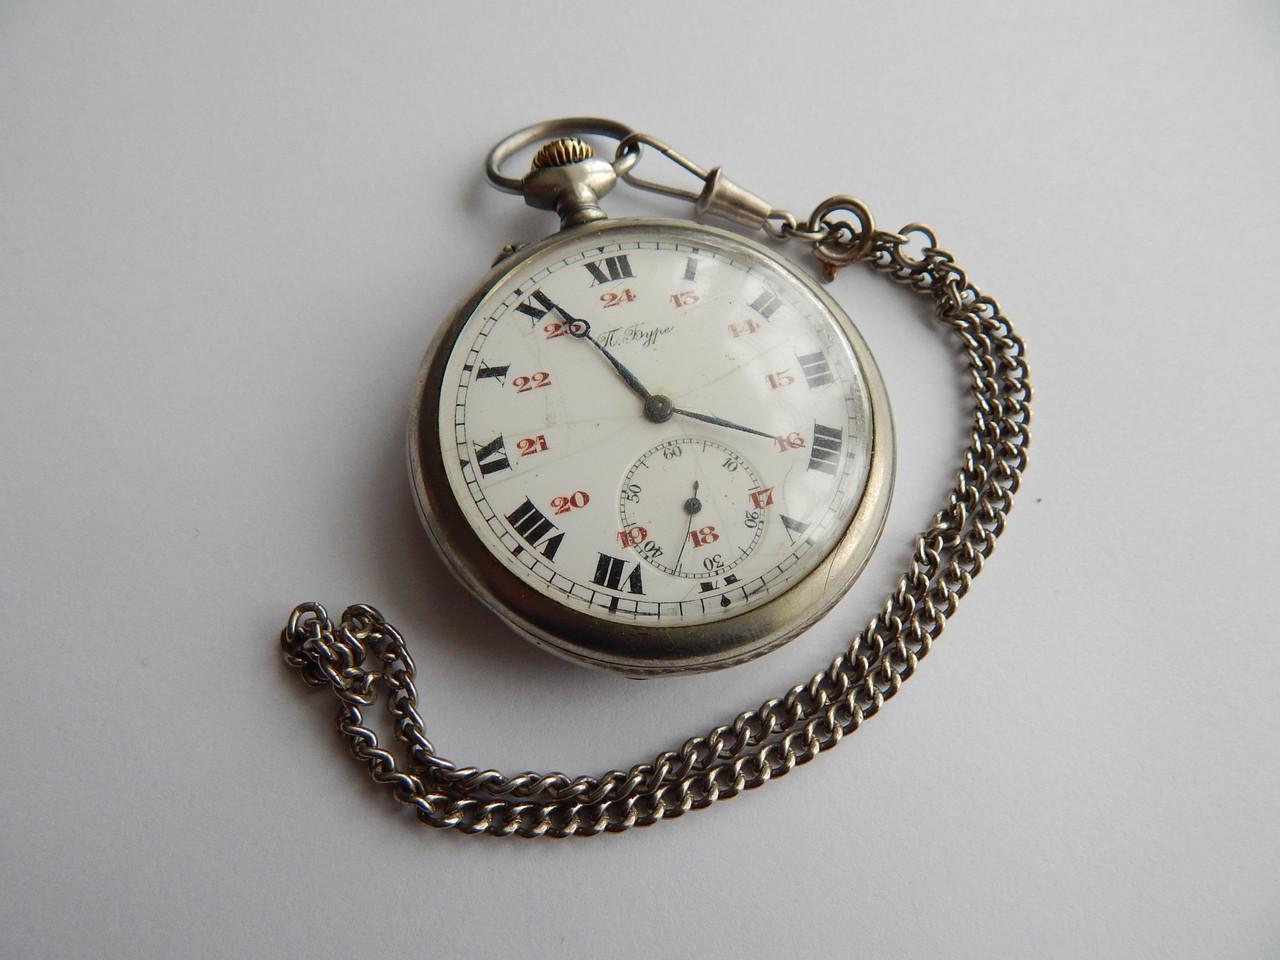 Павла продать часы буре продам корпус настенных часов